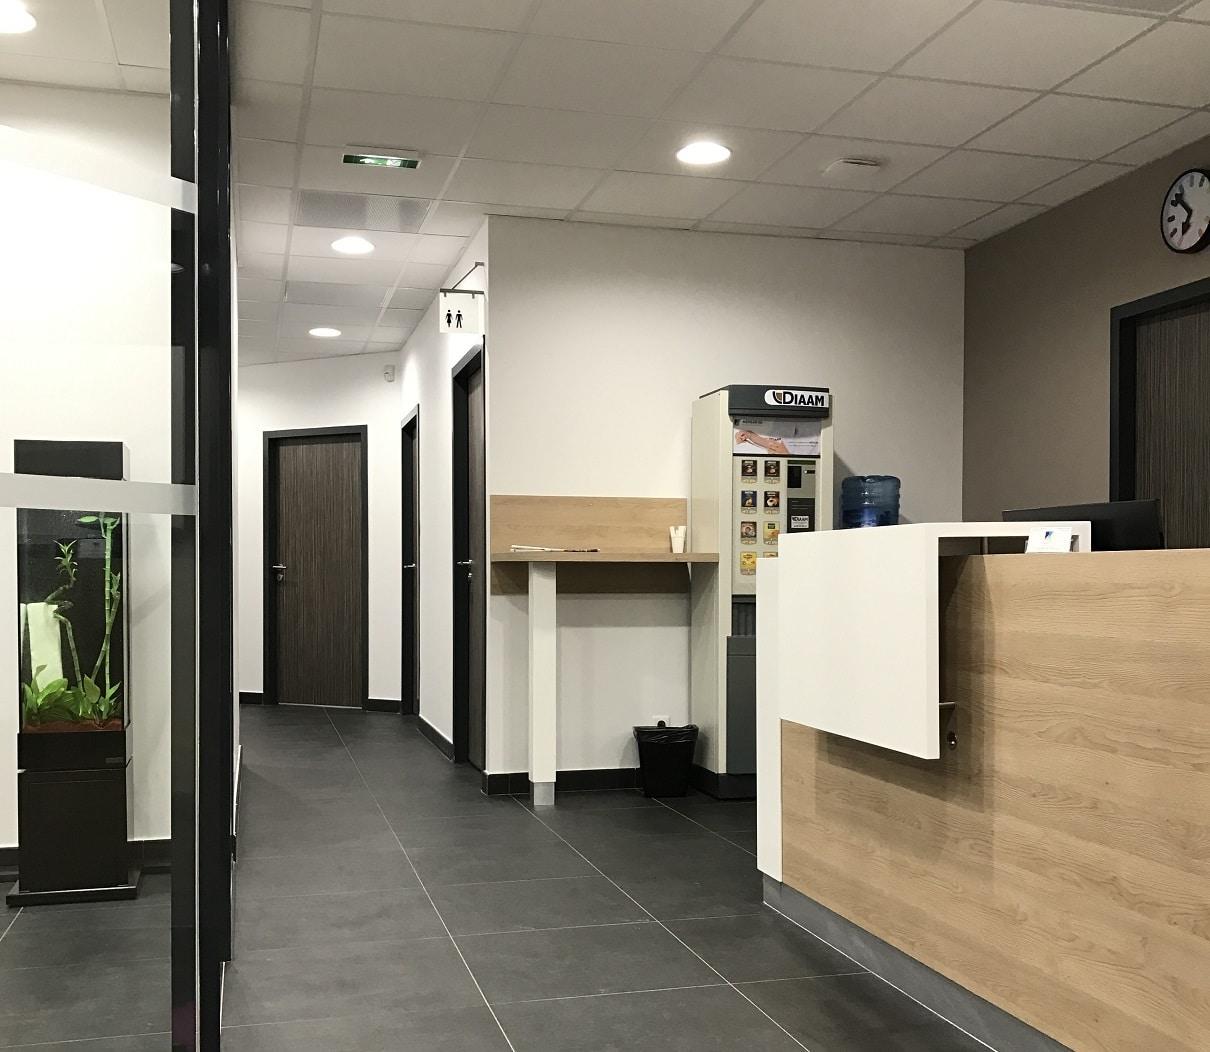 laboratoire analyses médicales Narbonne Plateau Technique Automatise Labortoire Analyses Medicales Narbonne